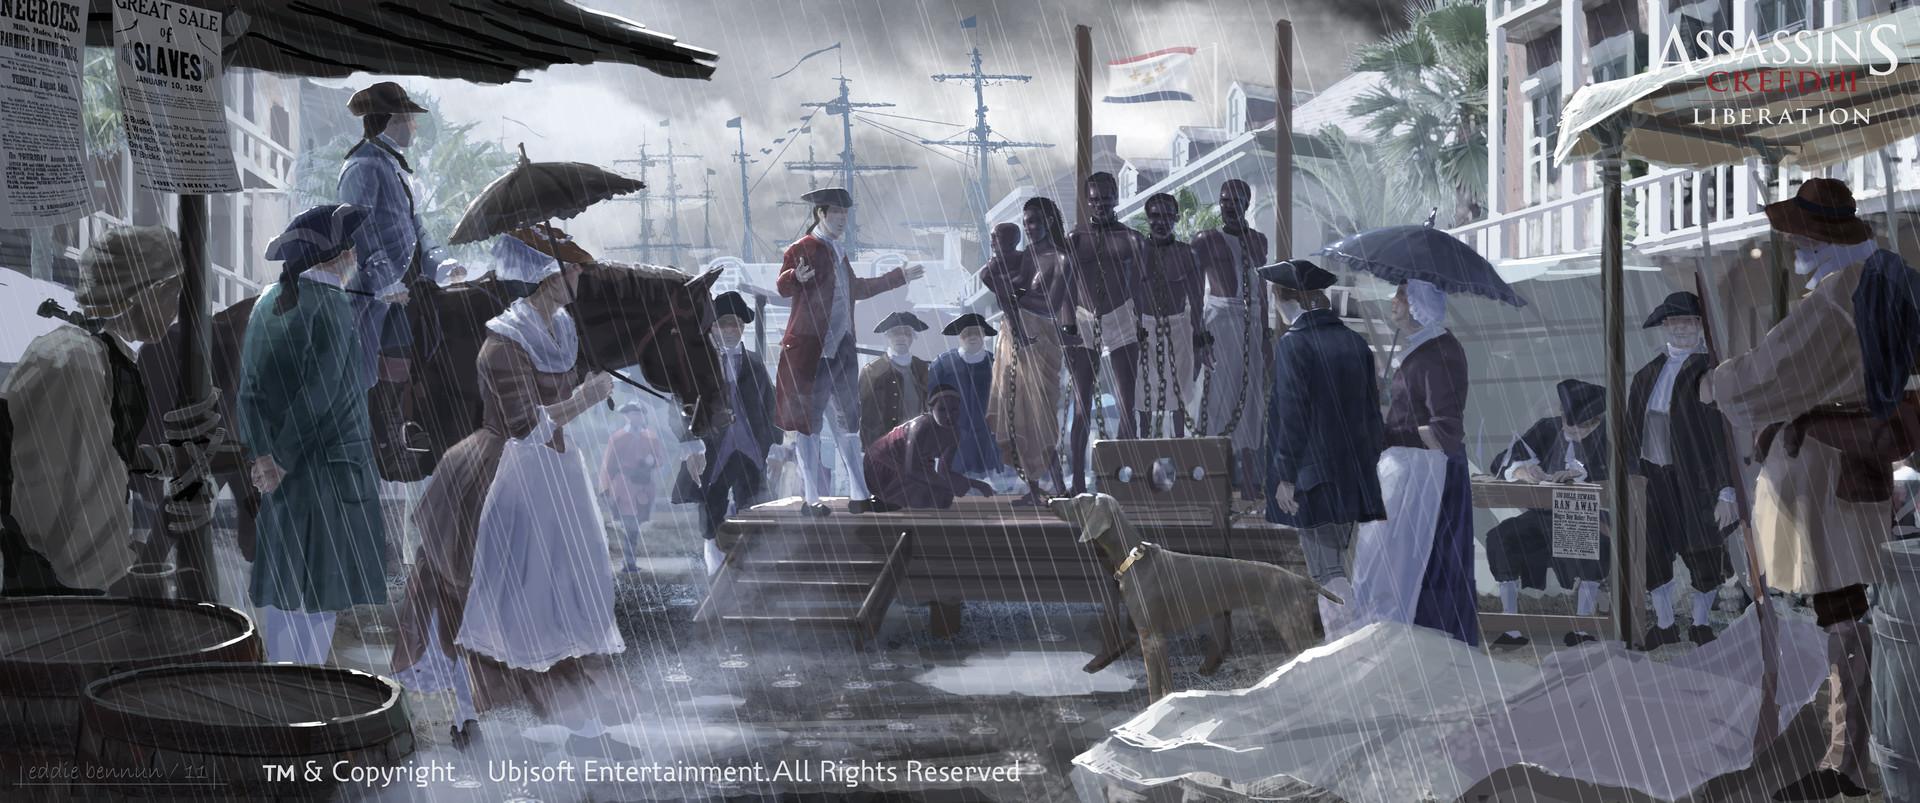 eddie-bennun-aclib-sc-neworleans-market-slaves-eddiebennun